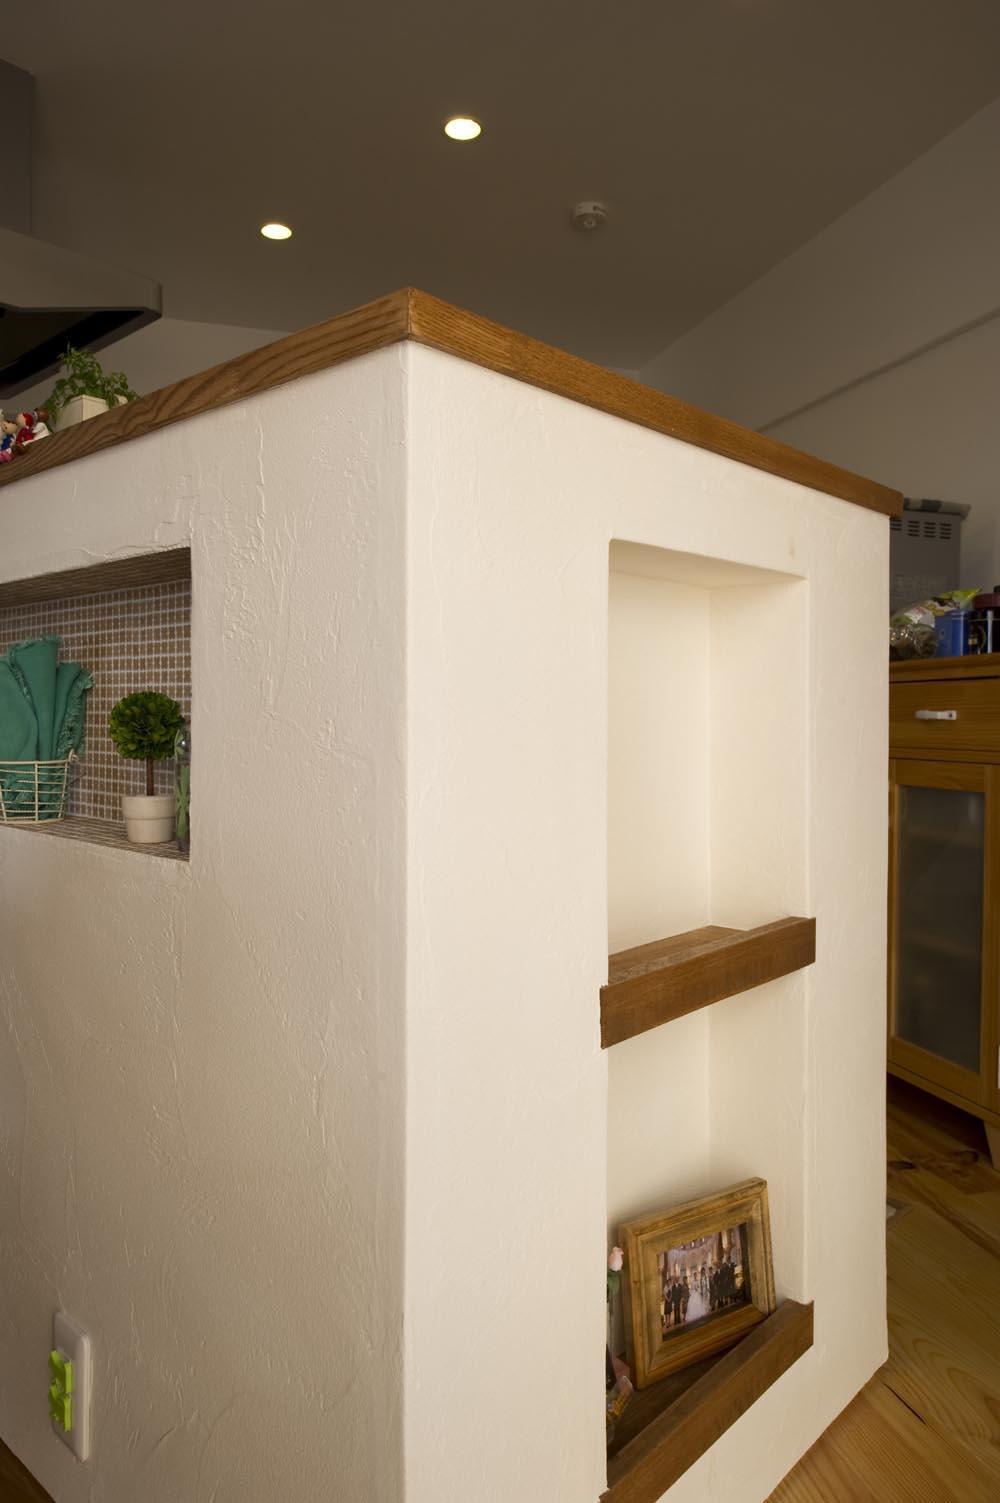 I邸・斜めに配置したキッチンで、動きと変化をの部屋 カウンターキッチン横のニッチ